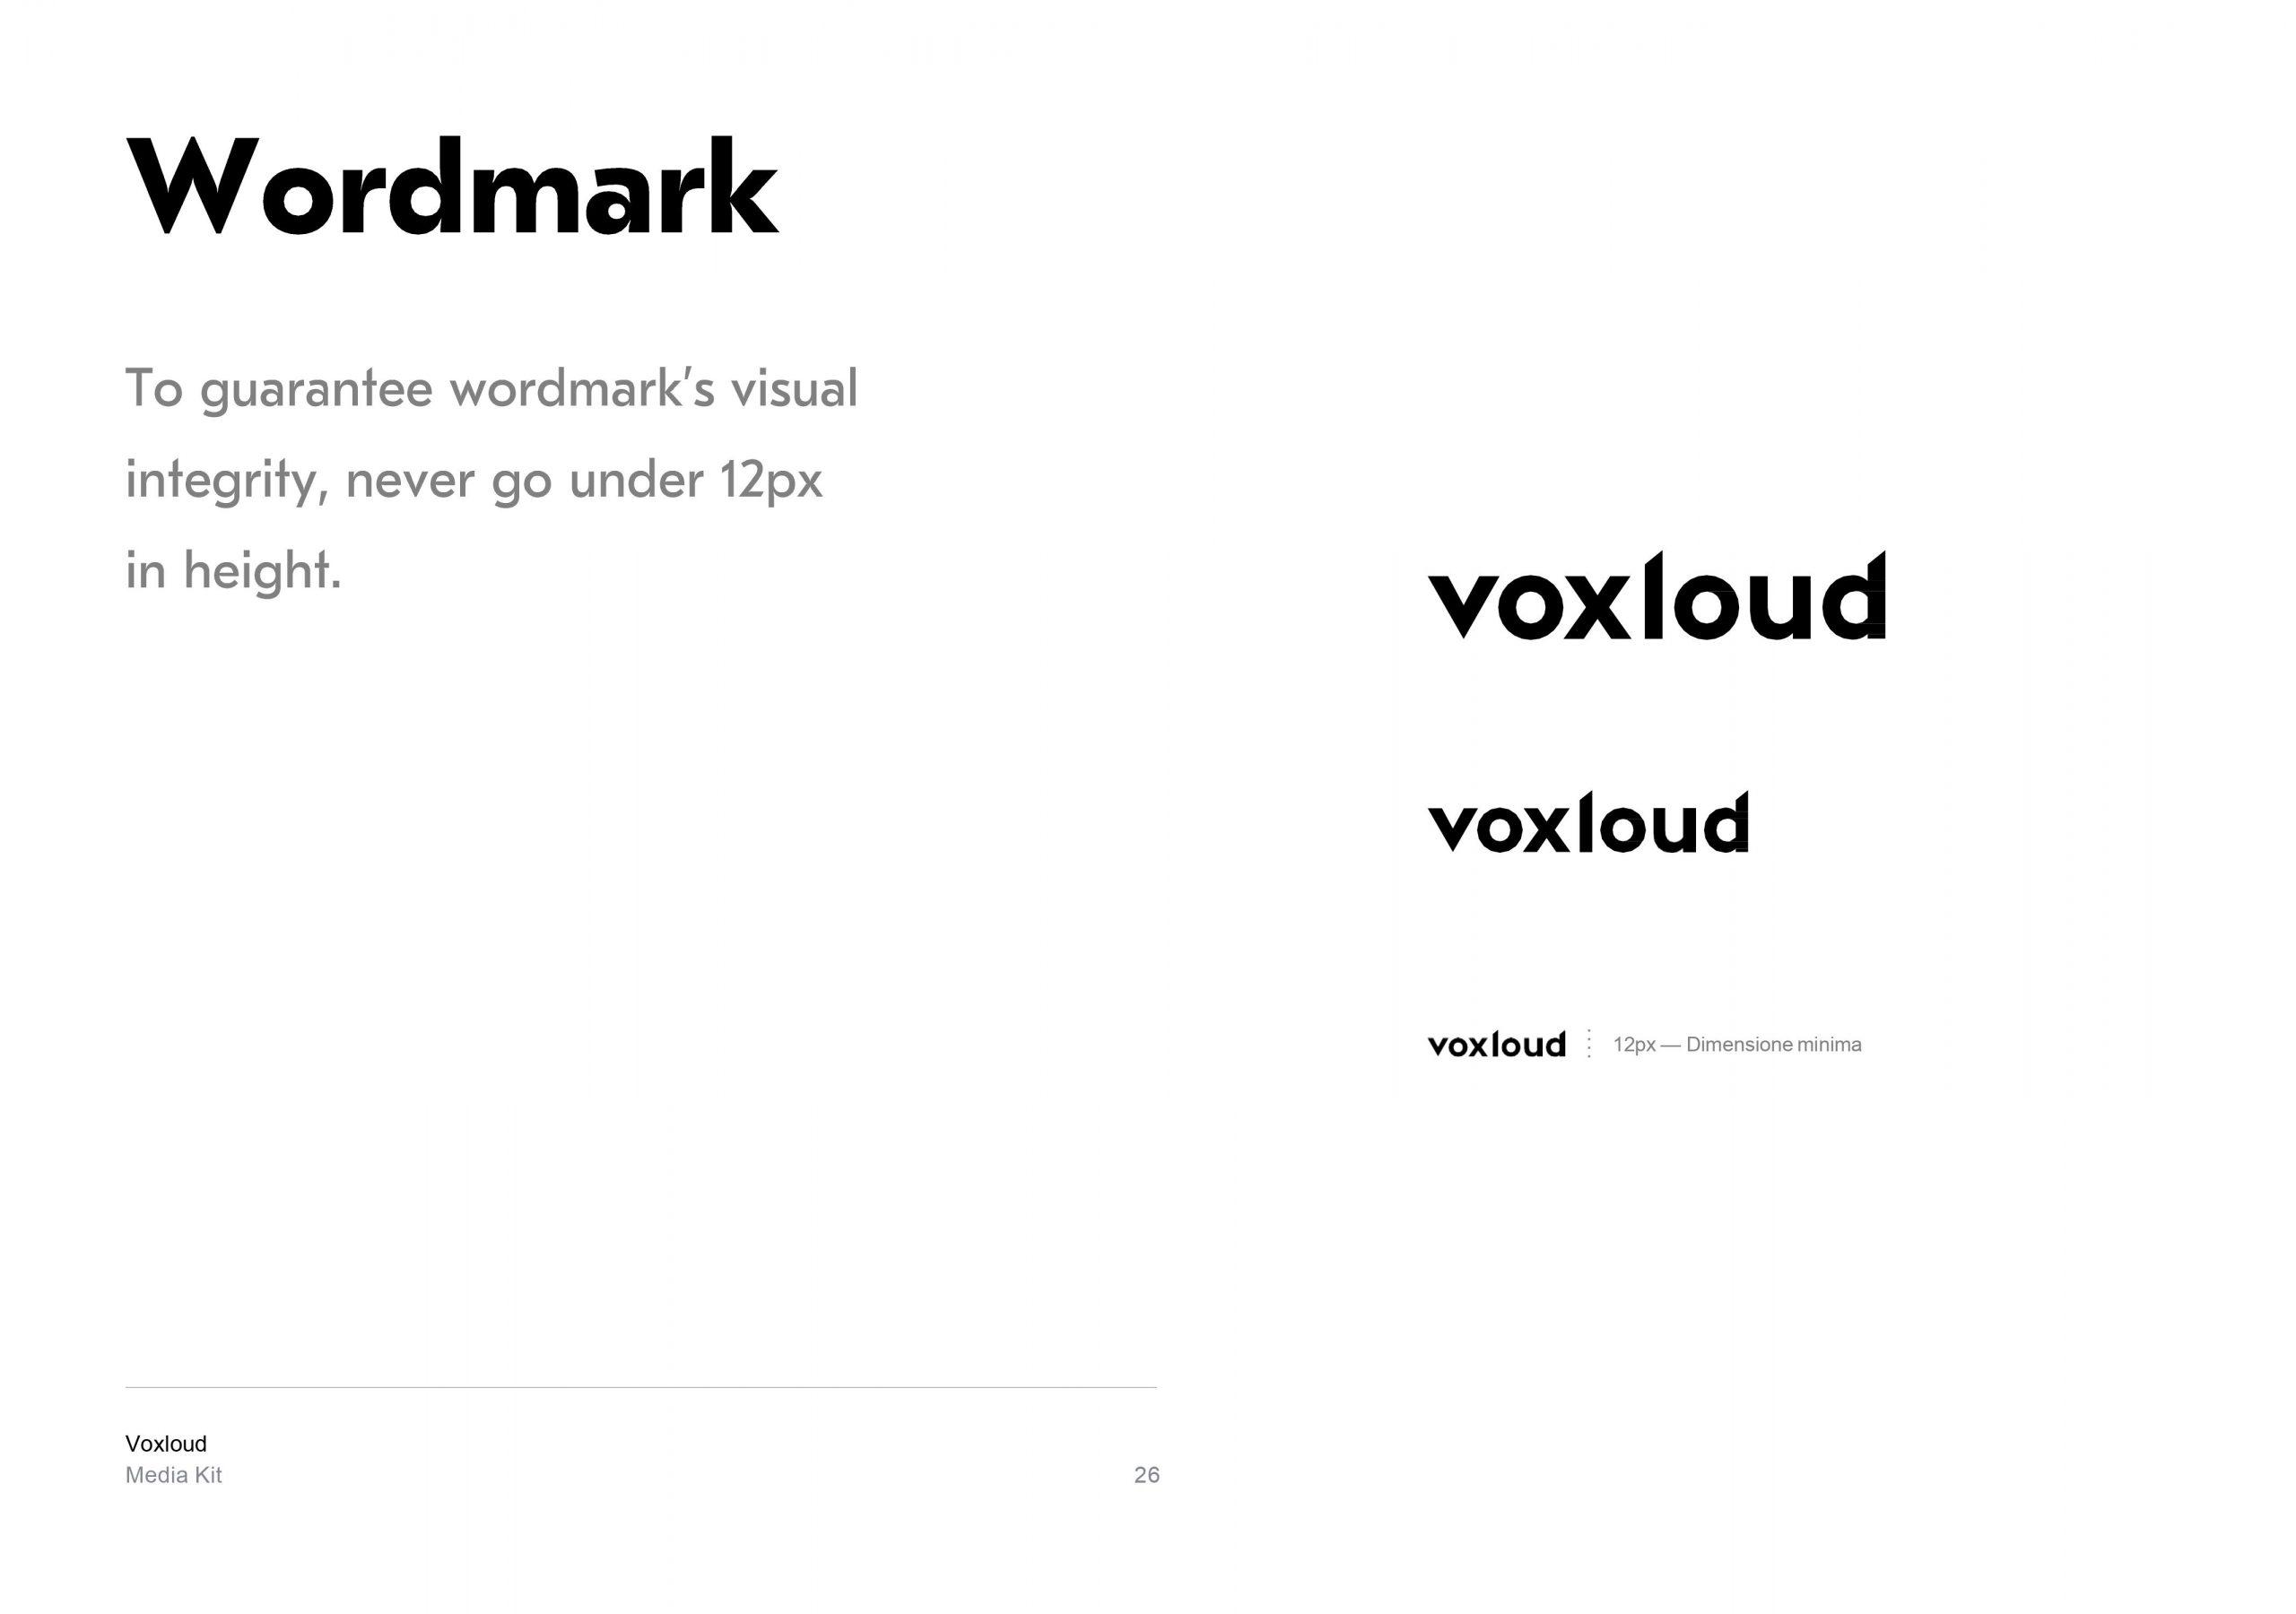 Voxloud Media Kit_26